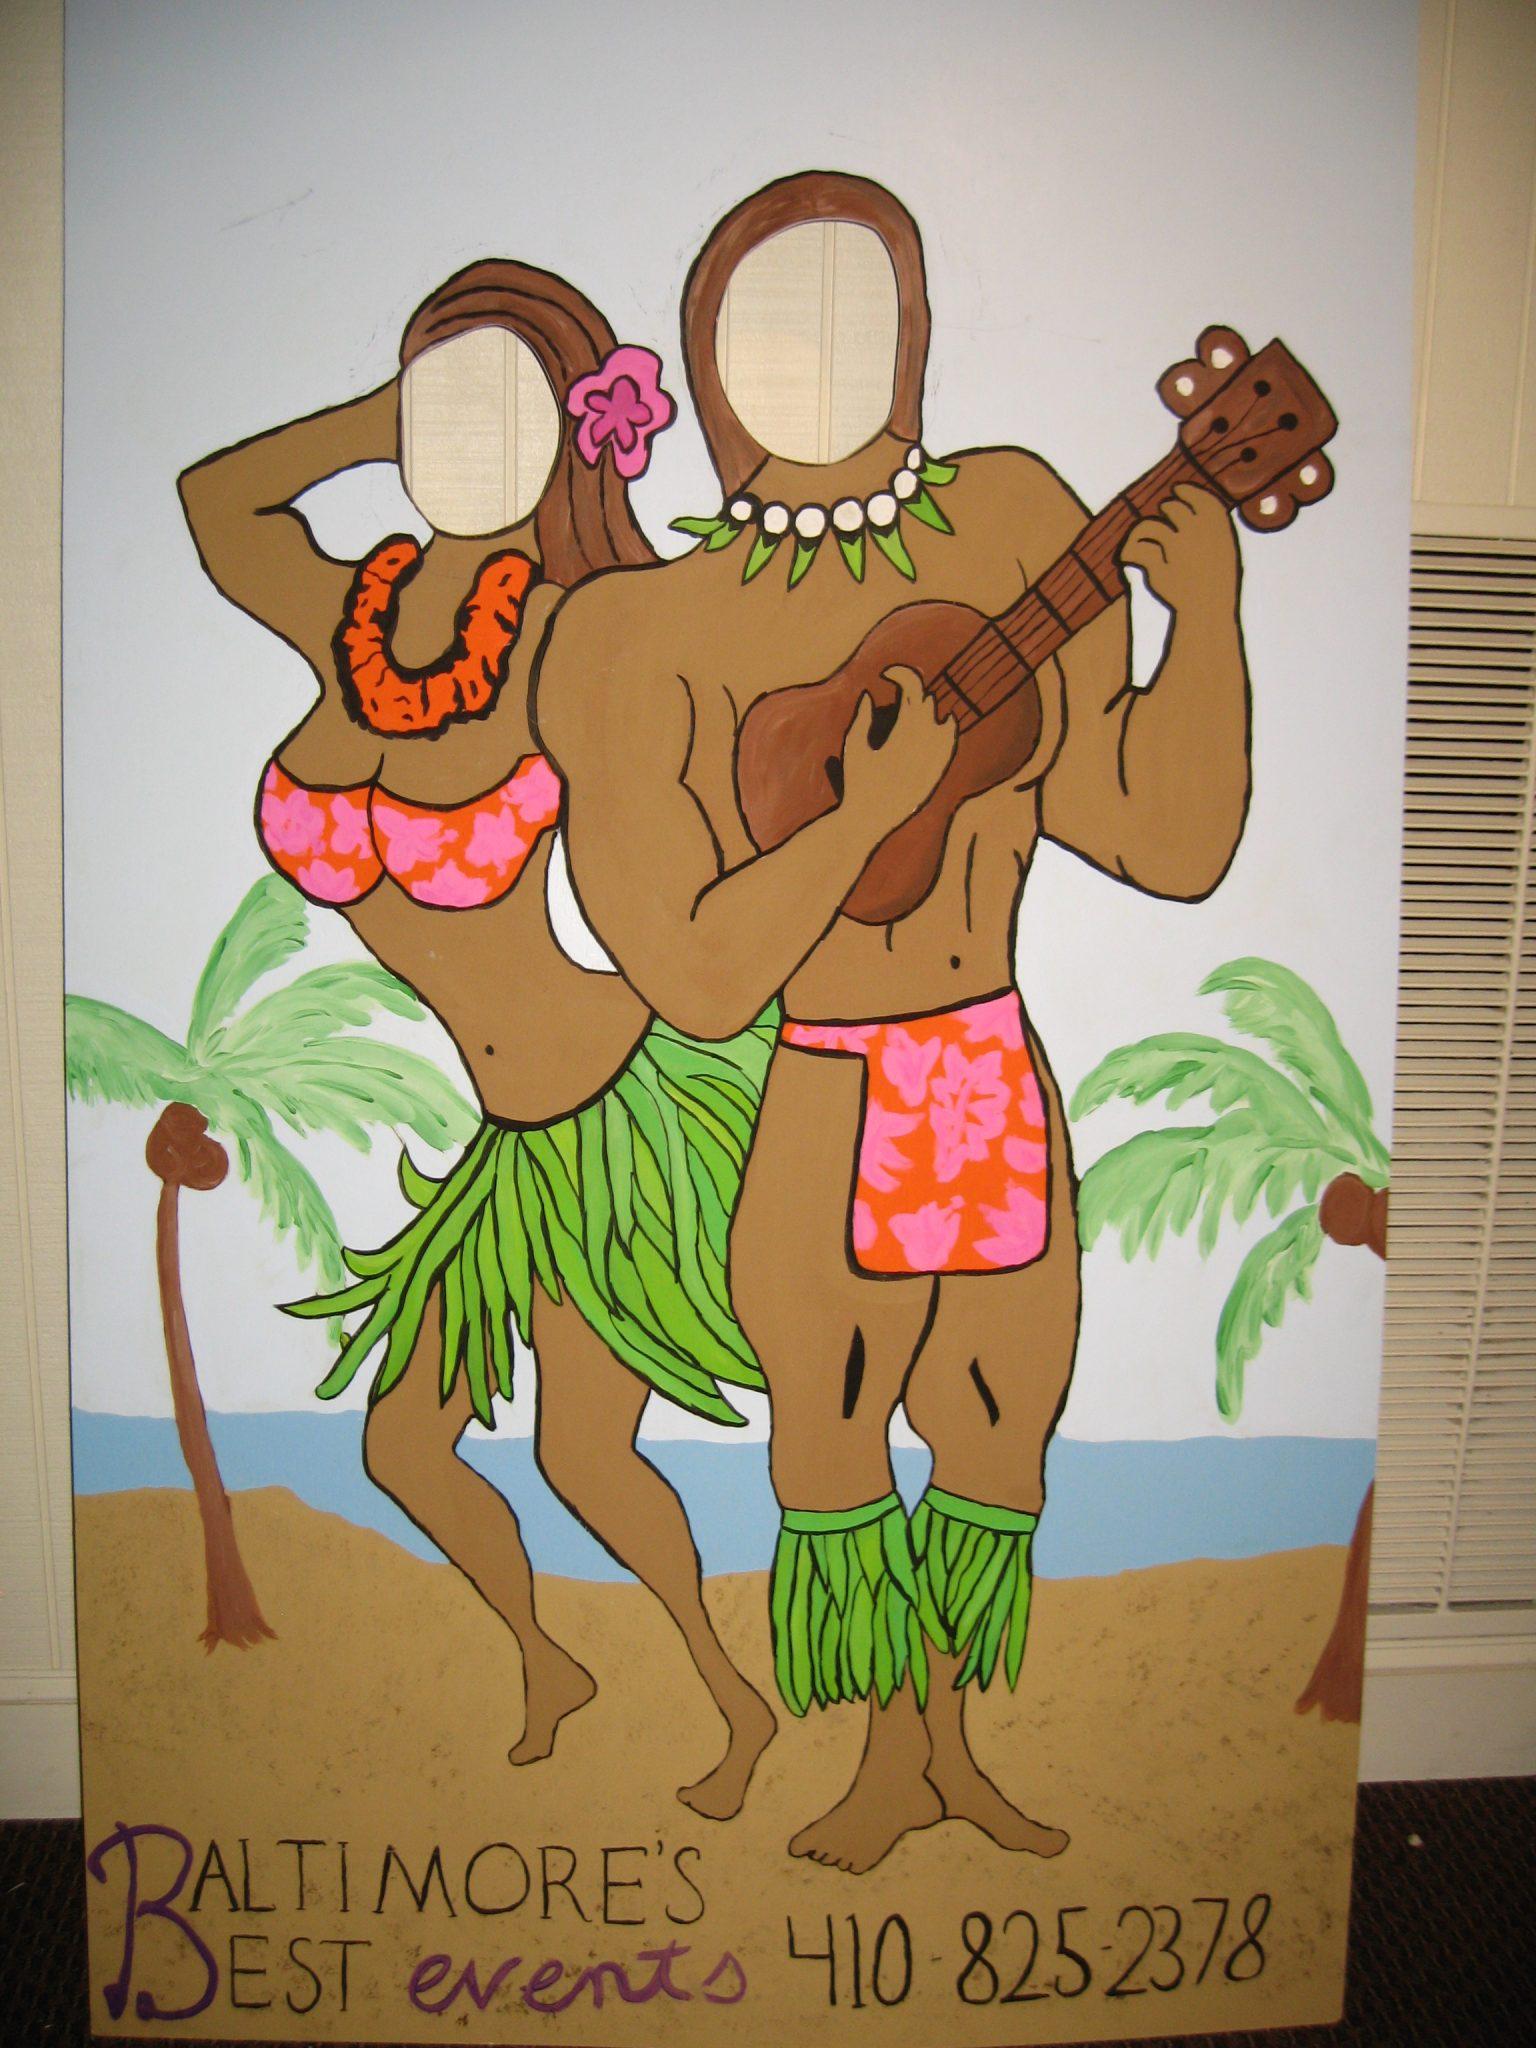 tropical  luau  beach  nautical  pirate  u2013 baltimore u0026 39 s best events